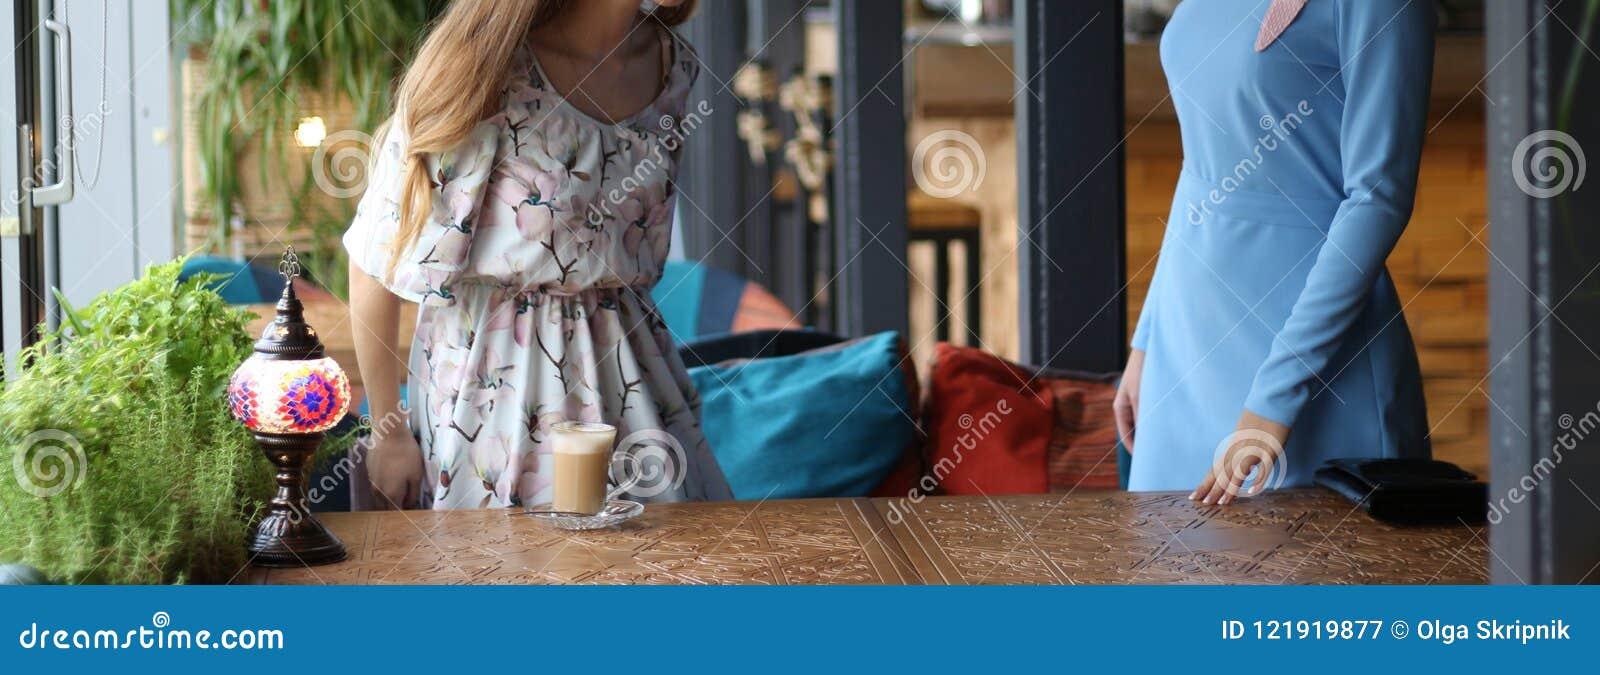 遇见一个咖啡馆的两名妇女咖啡的 被经受的一个人招呼第二 蓝色礼服,在花的礼服,在被雕刻的桌上是古芝